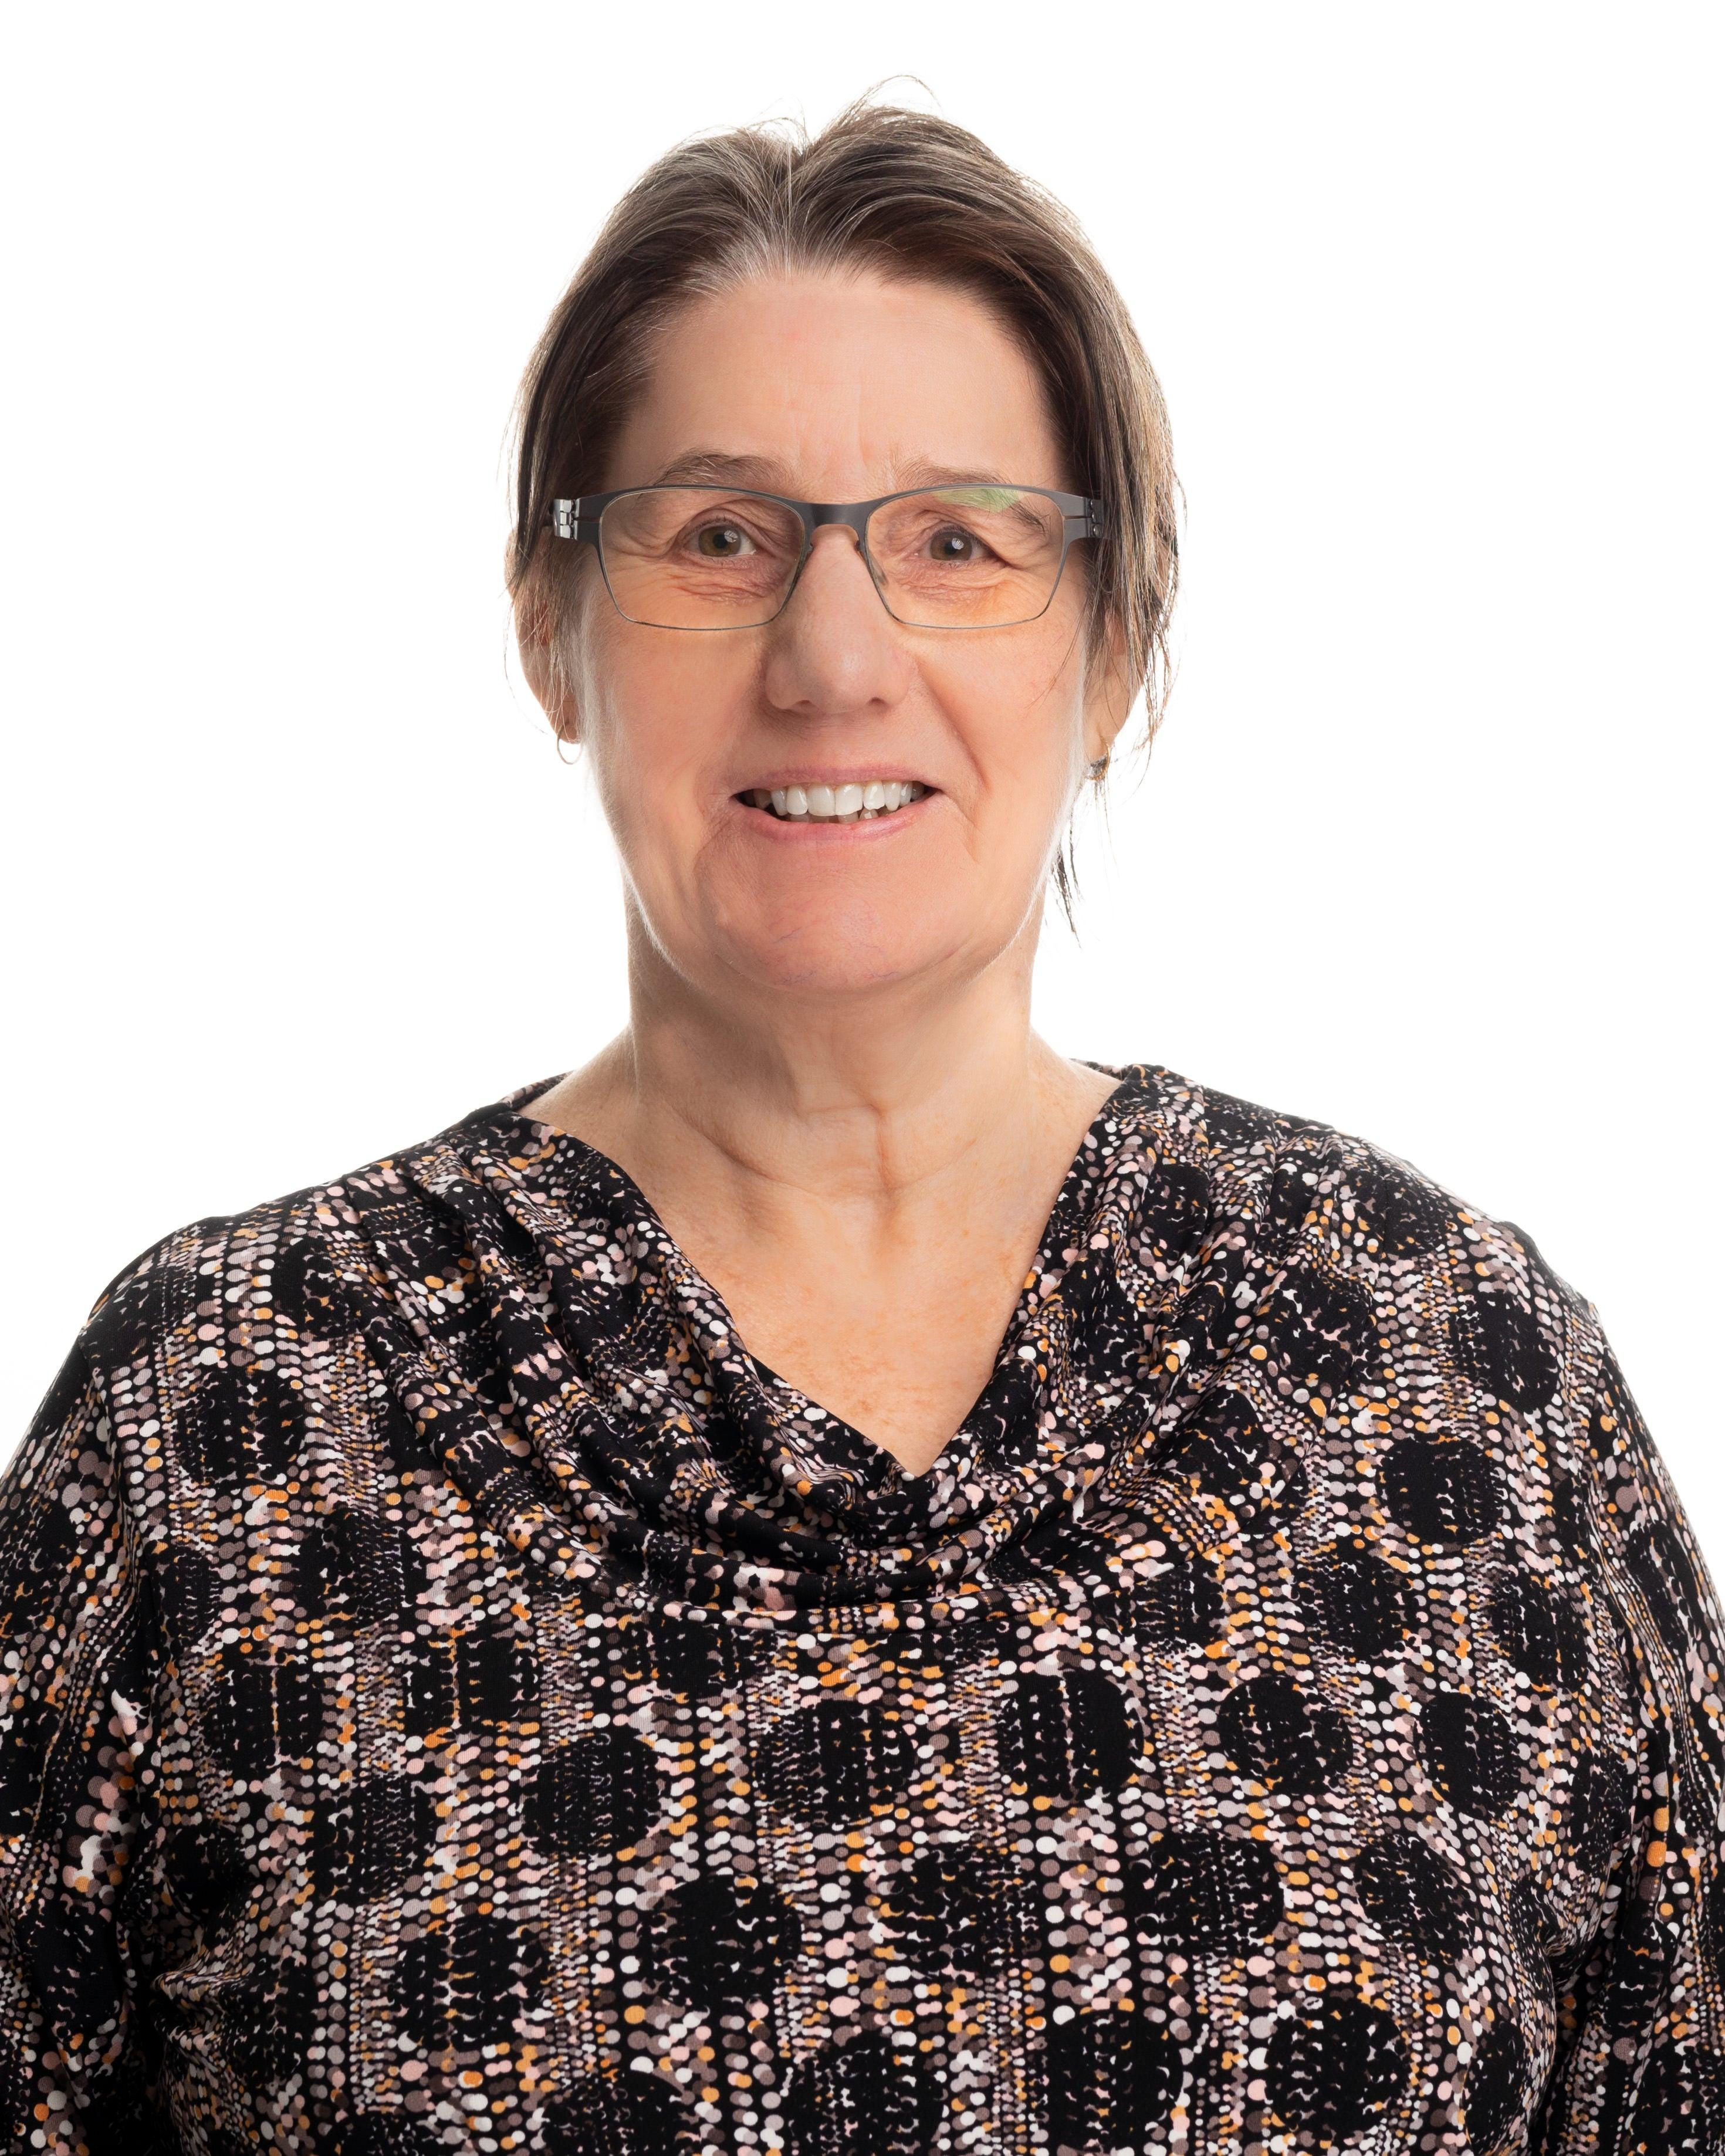 Deanna Cartledge